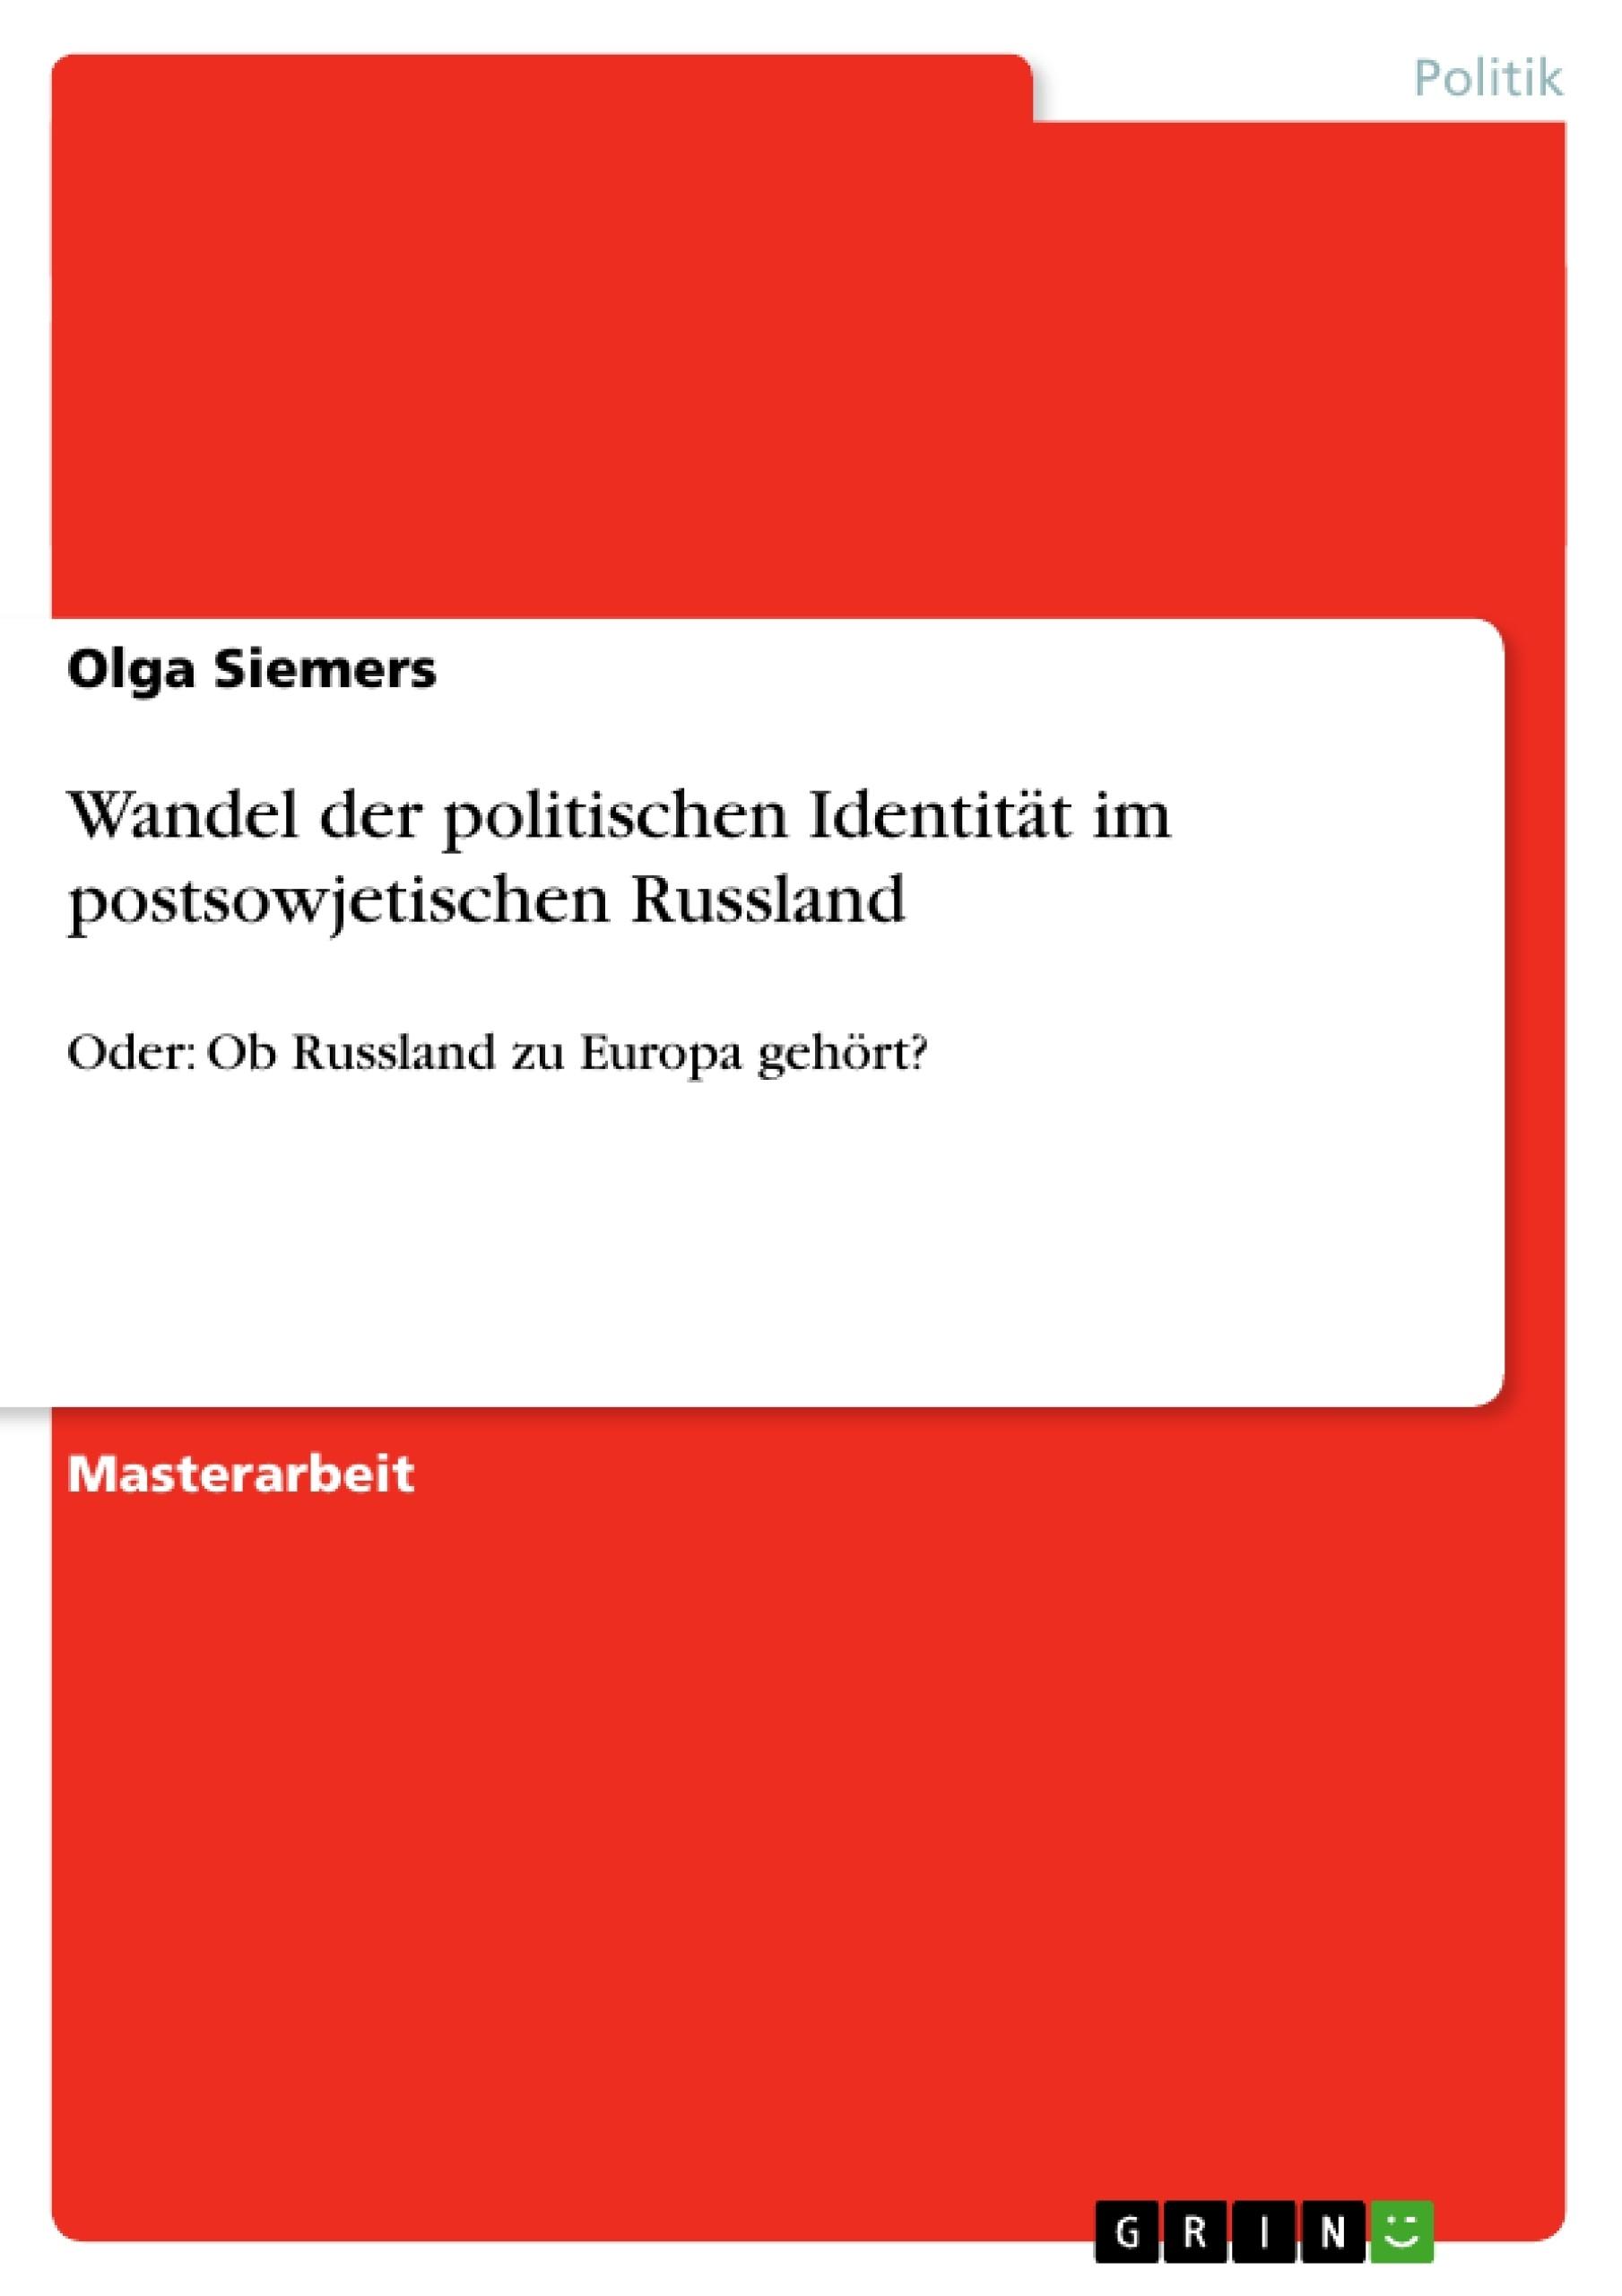 Titel: Wandel der politischen Identität im postsowjetischen Russland